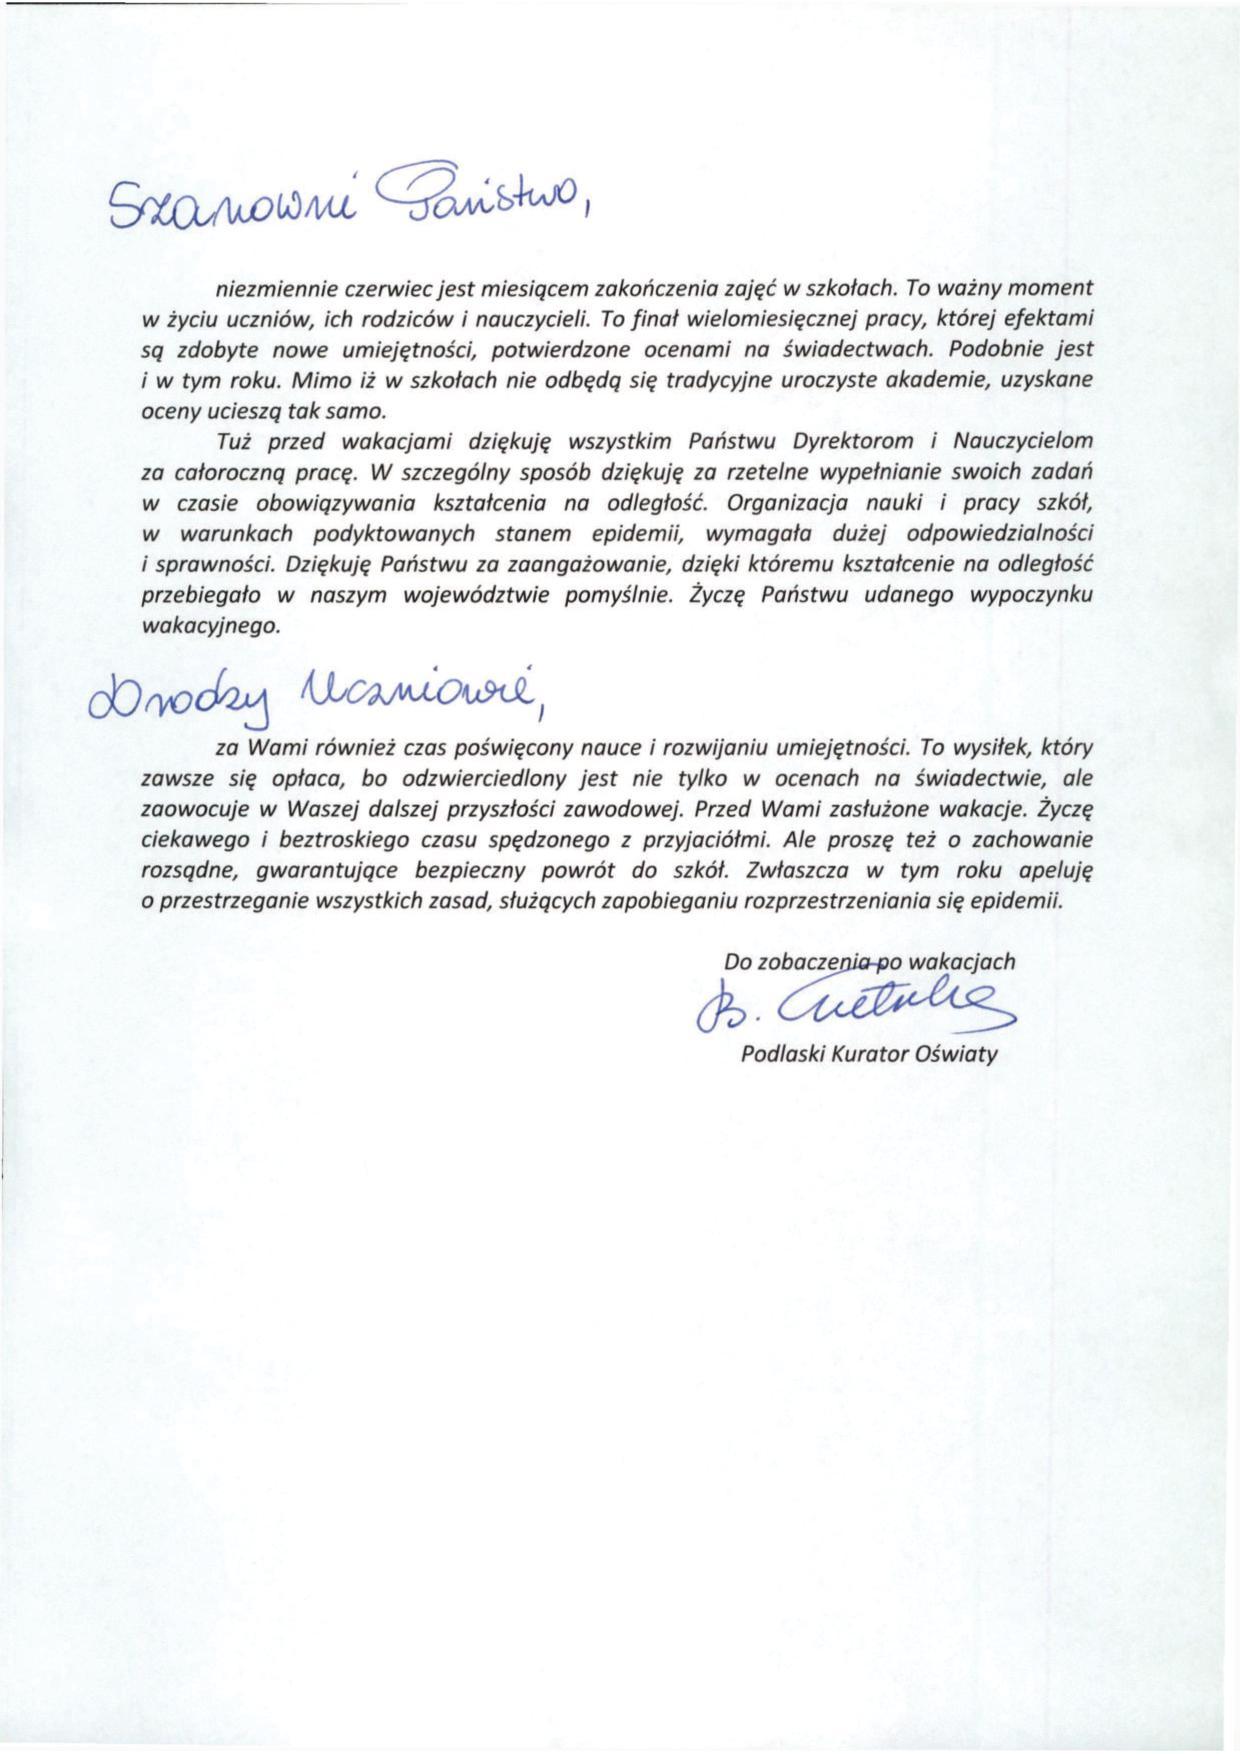 List Podlaskiego Kuratora Oświaty na zakończenie roku szkolnego